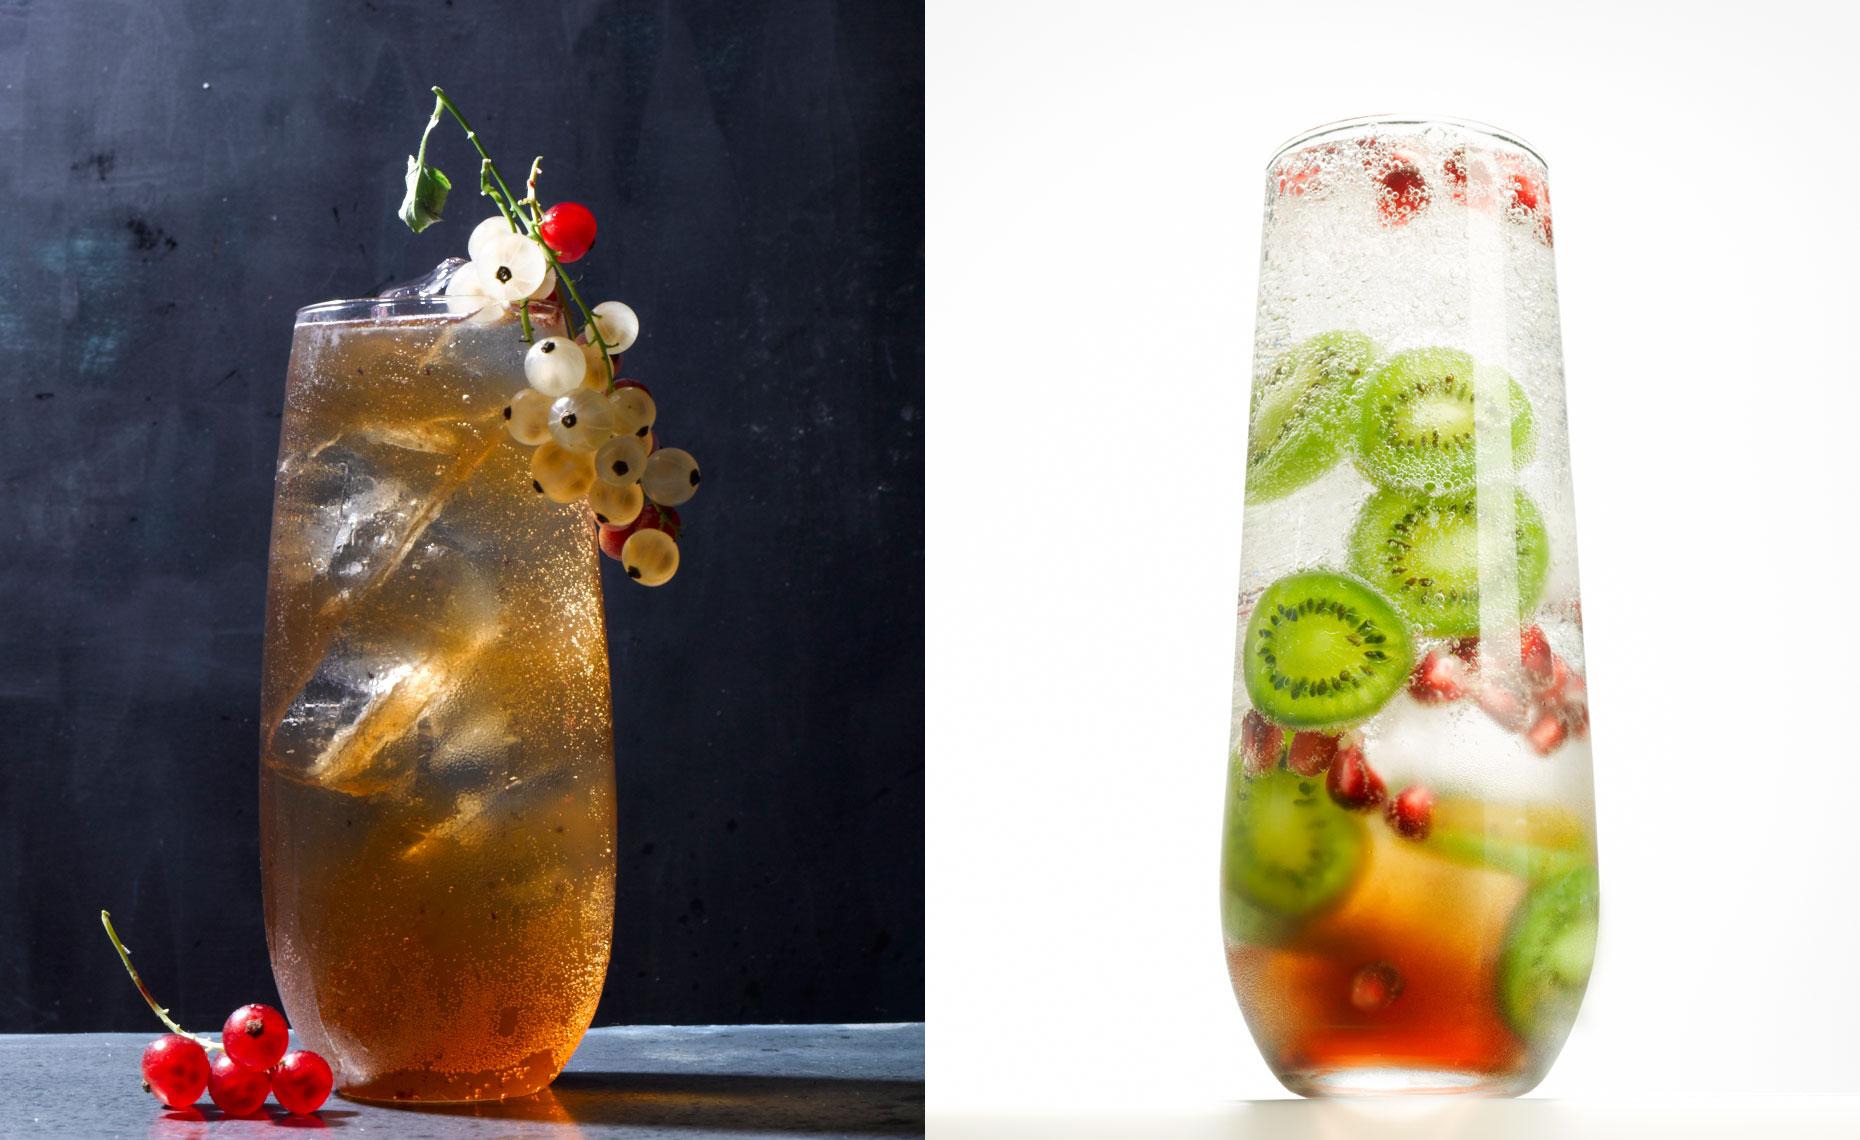 currants-and-kiwi-drink.jpg